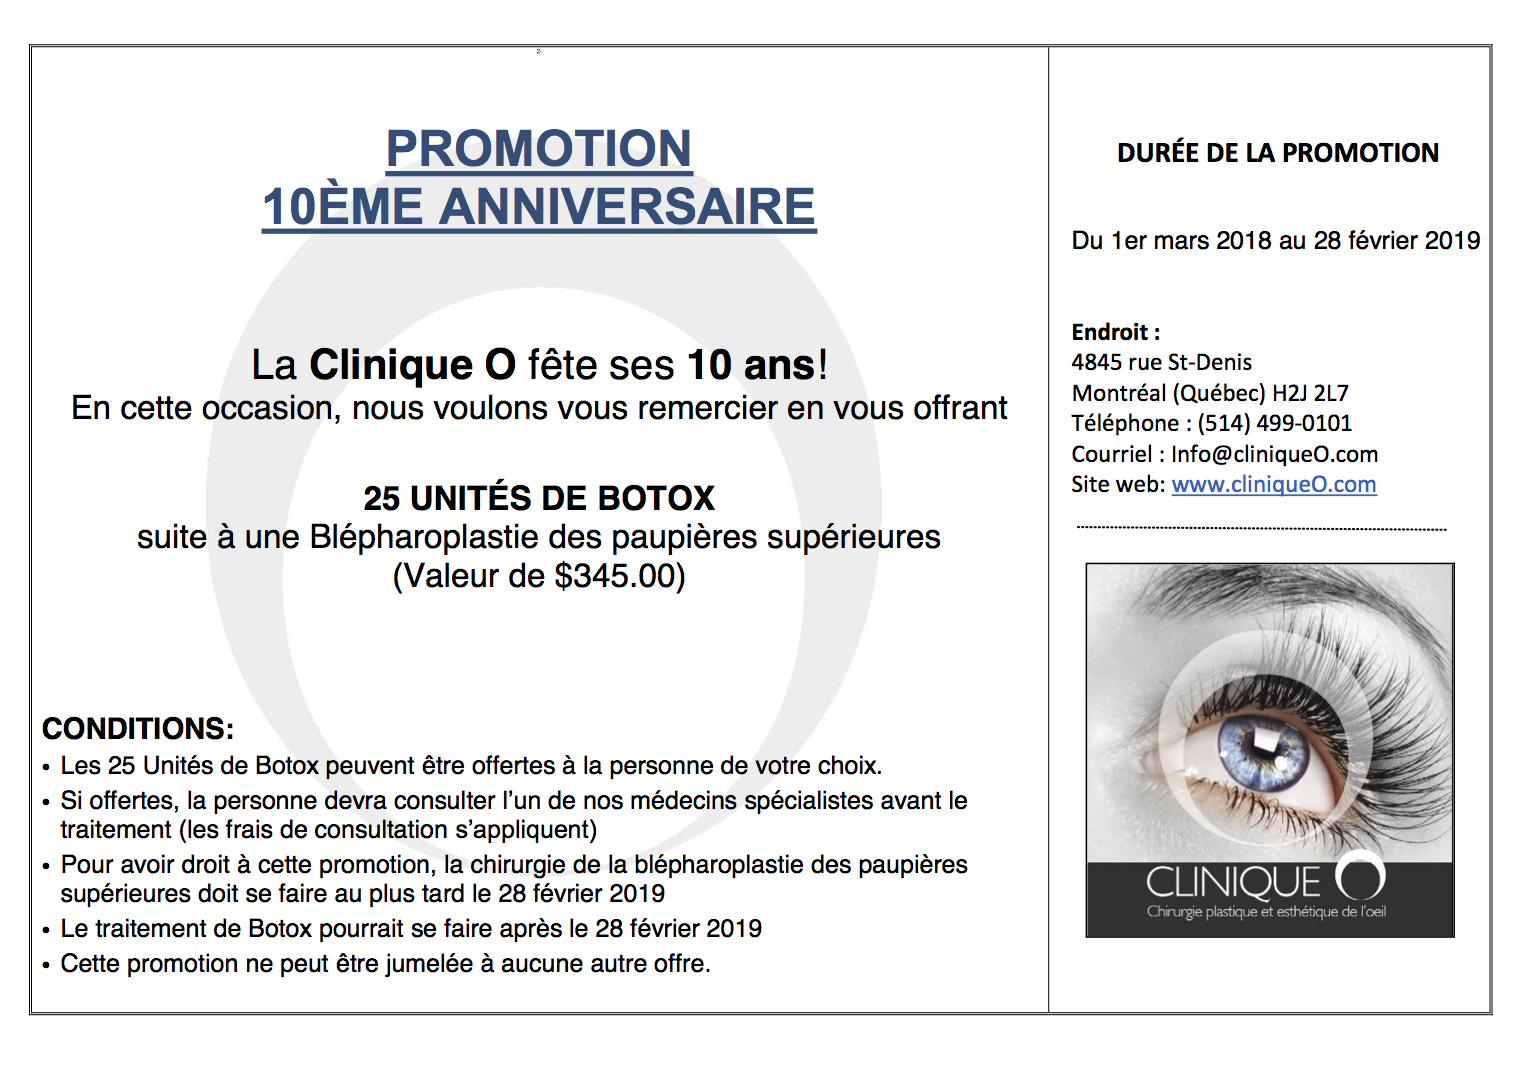 Promotion 10e anniversaire 2